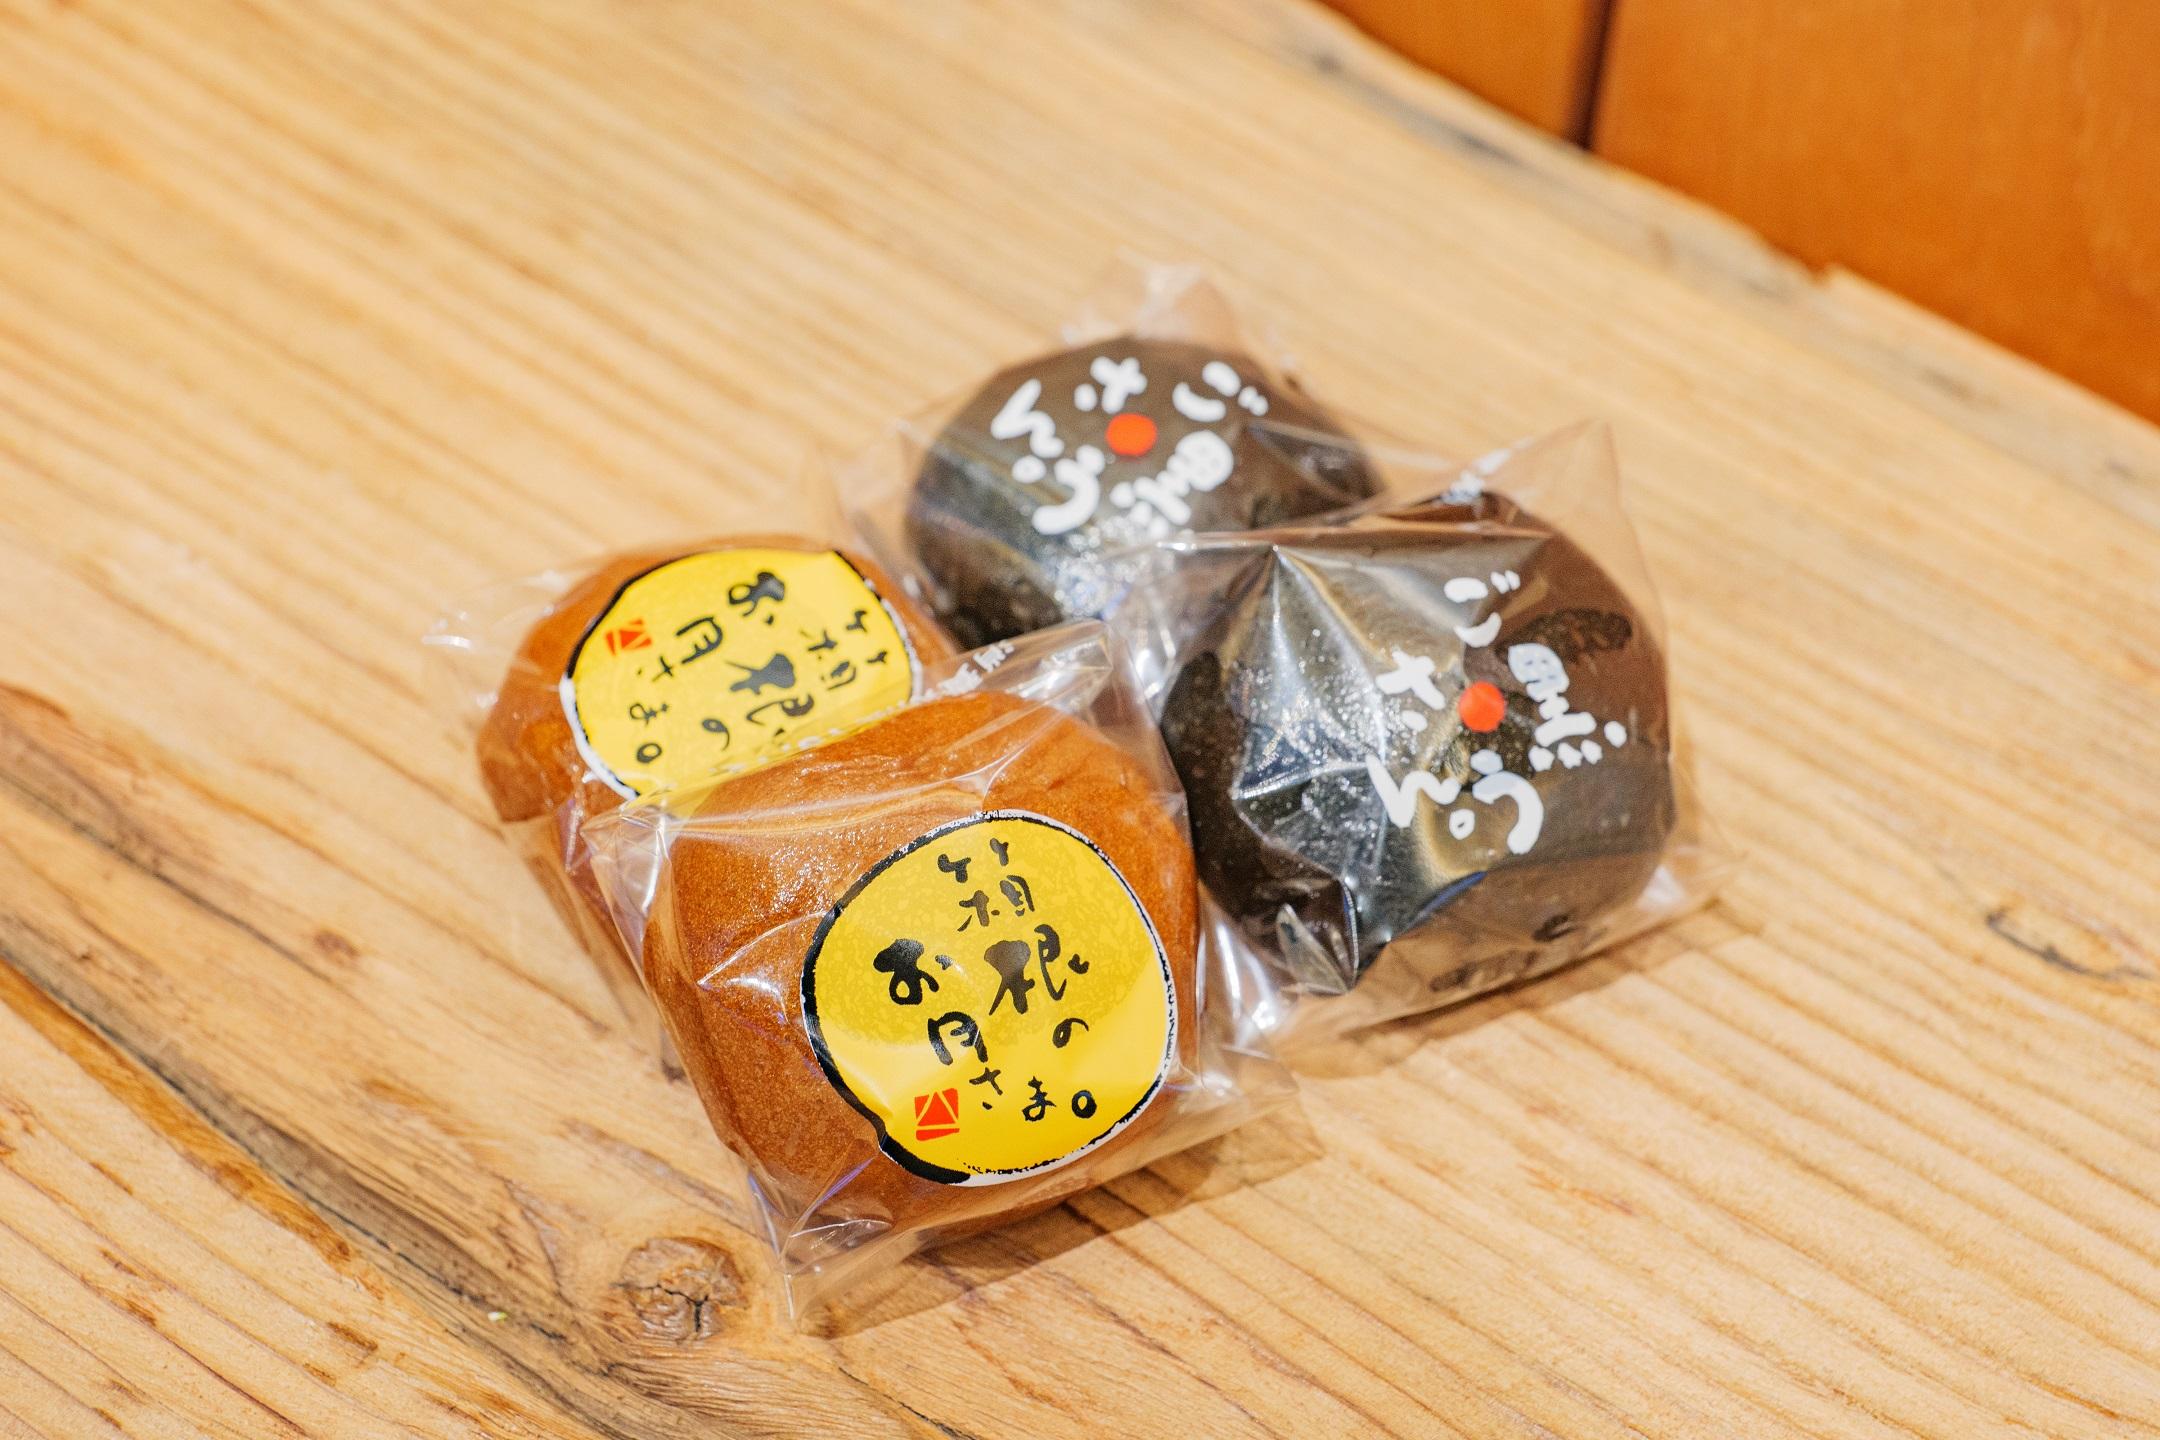 左が看板商品の「箱根のお月さま。」。黒ゴマをふんだんに使った香り芳しい「ご黒うさん。」も人気